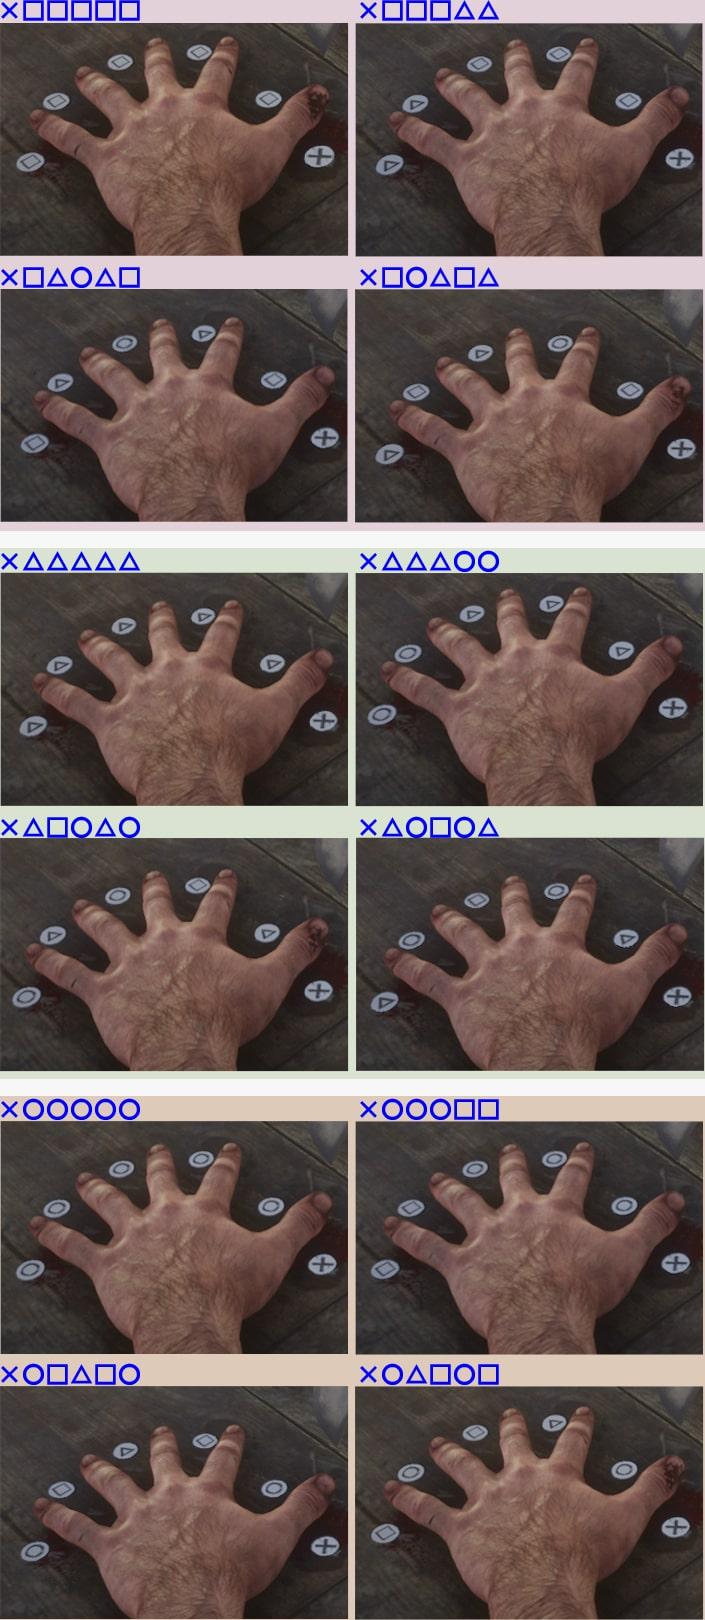 フィンガーフィレットのボタン配列パターンの攻略画像